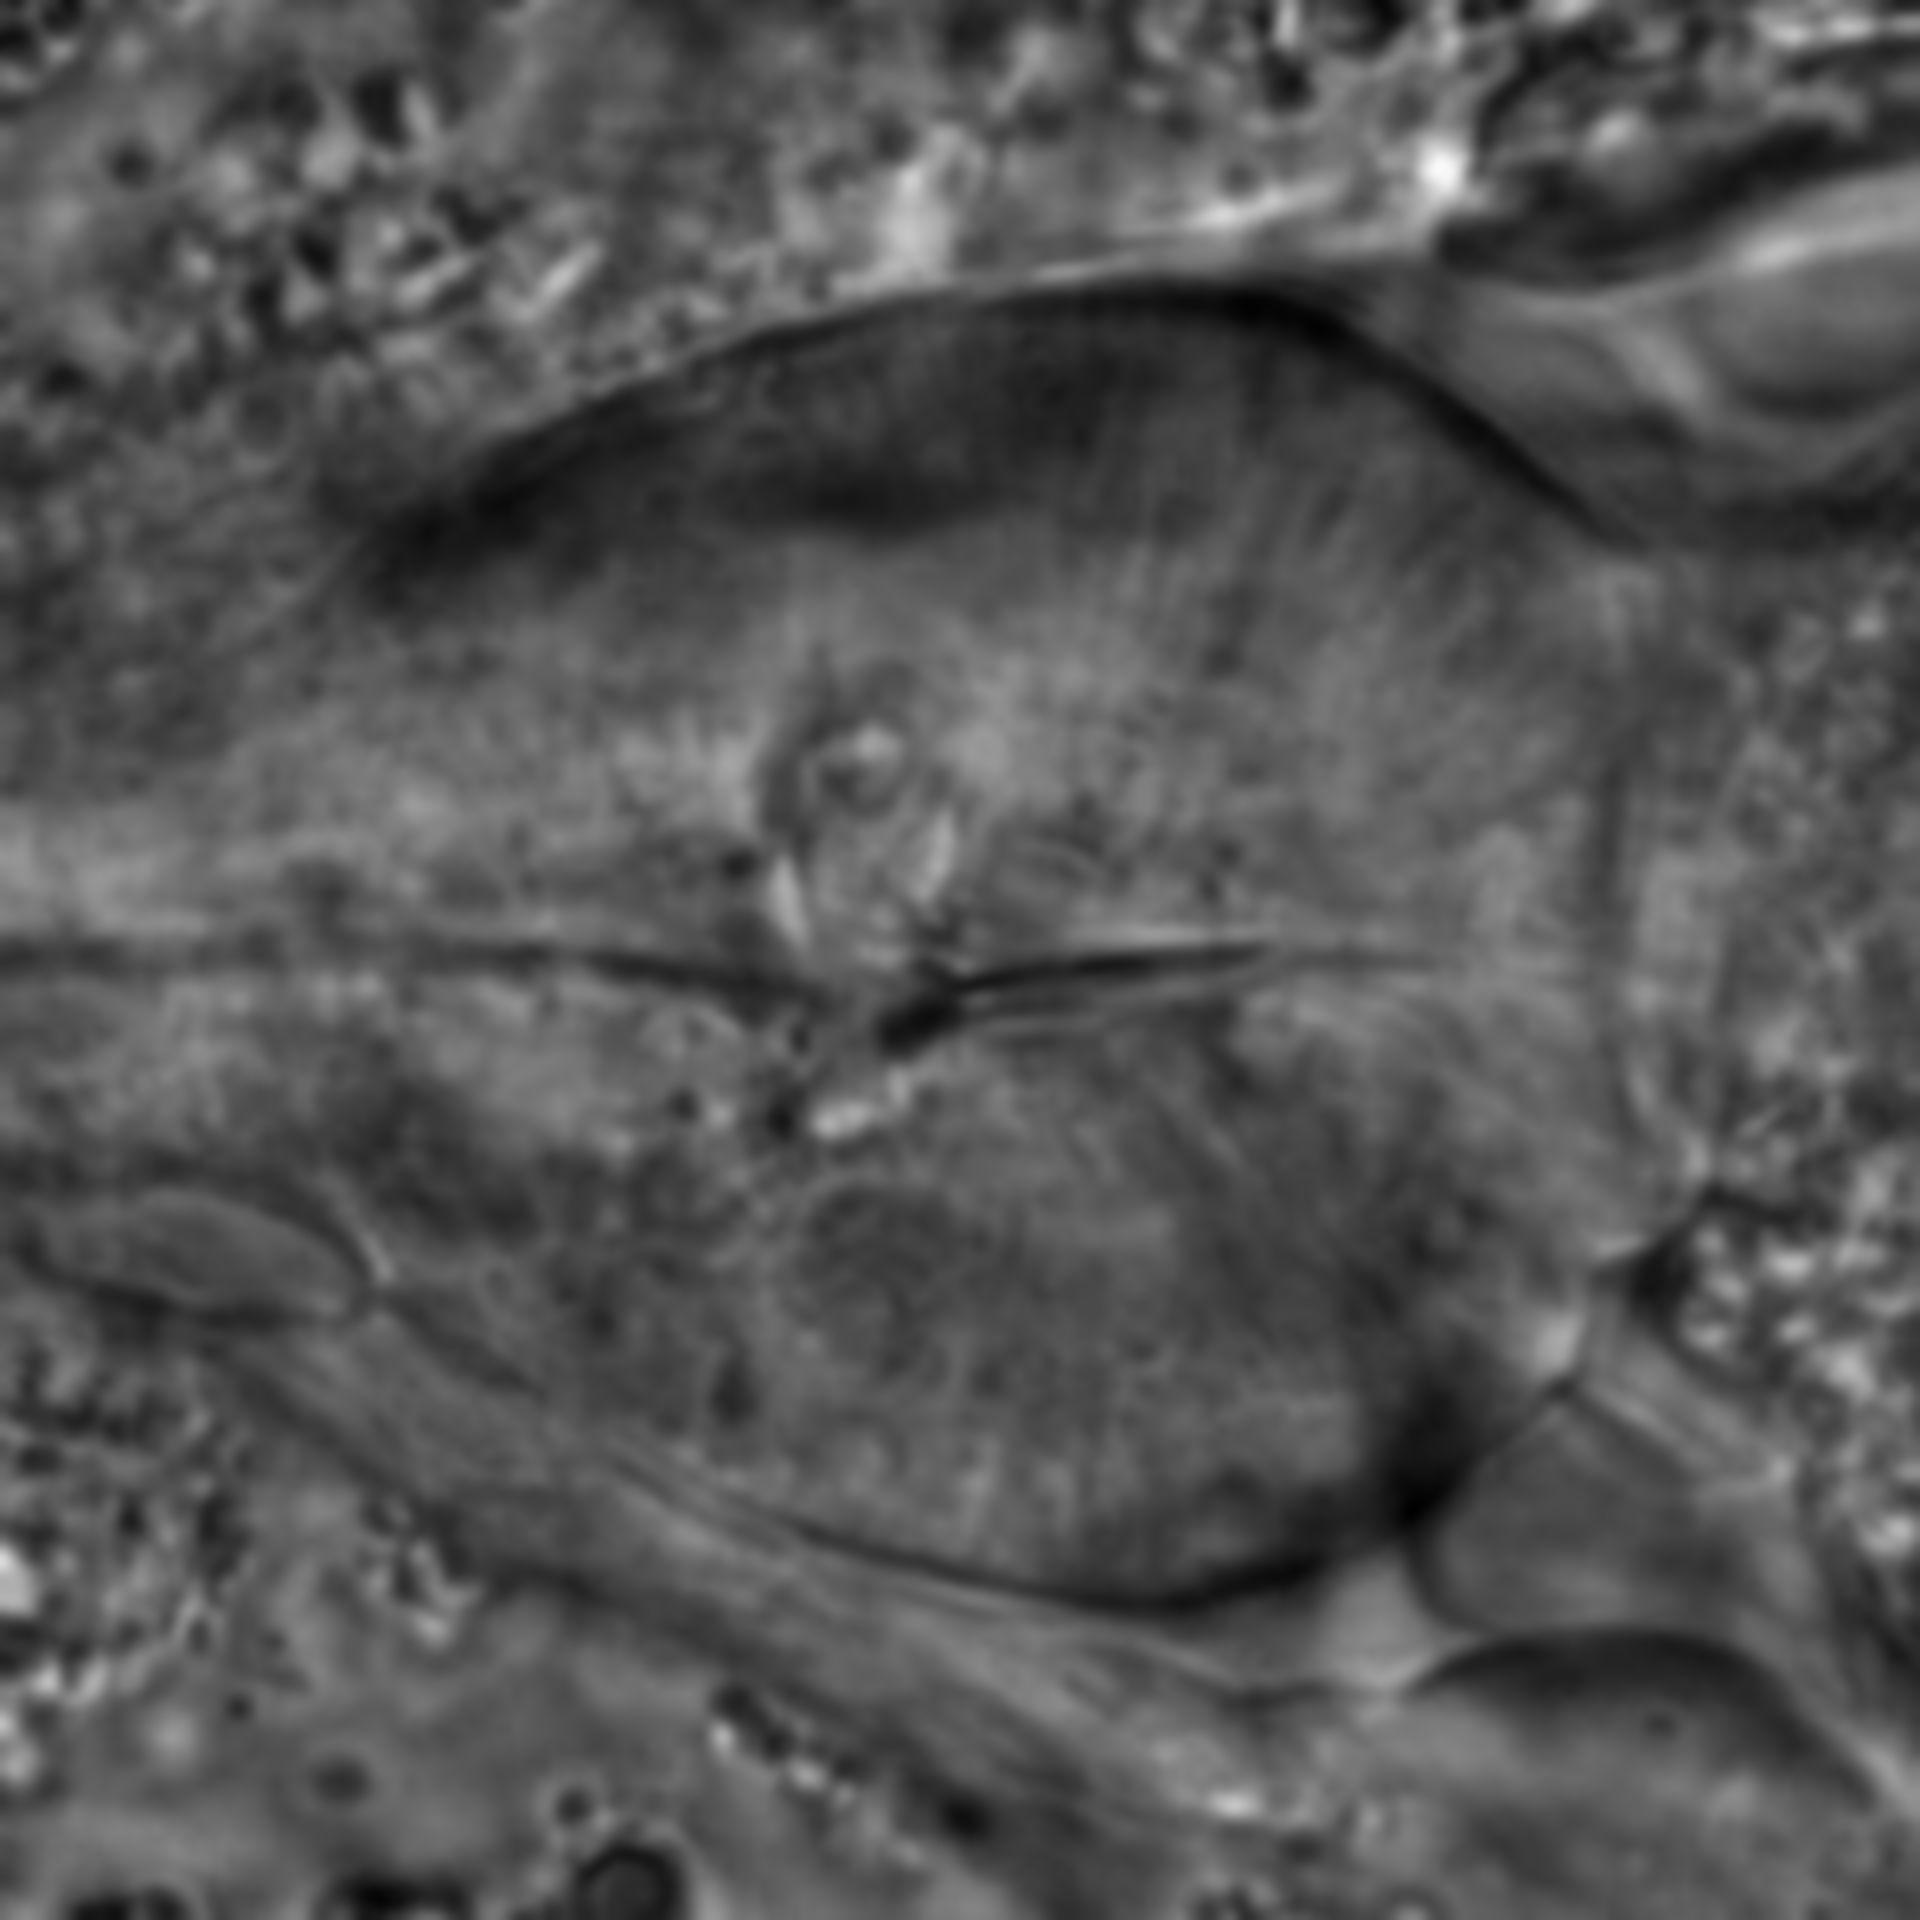 Caenorhabditis elegans - CIL:1934